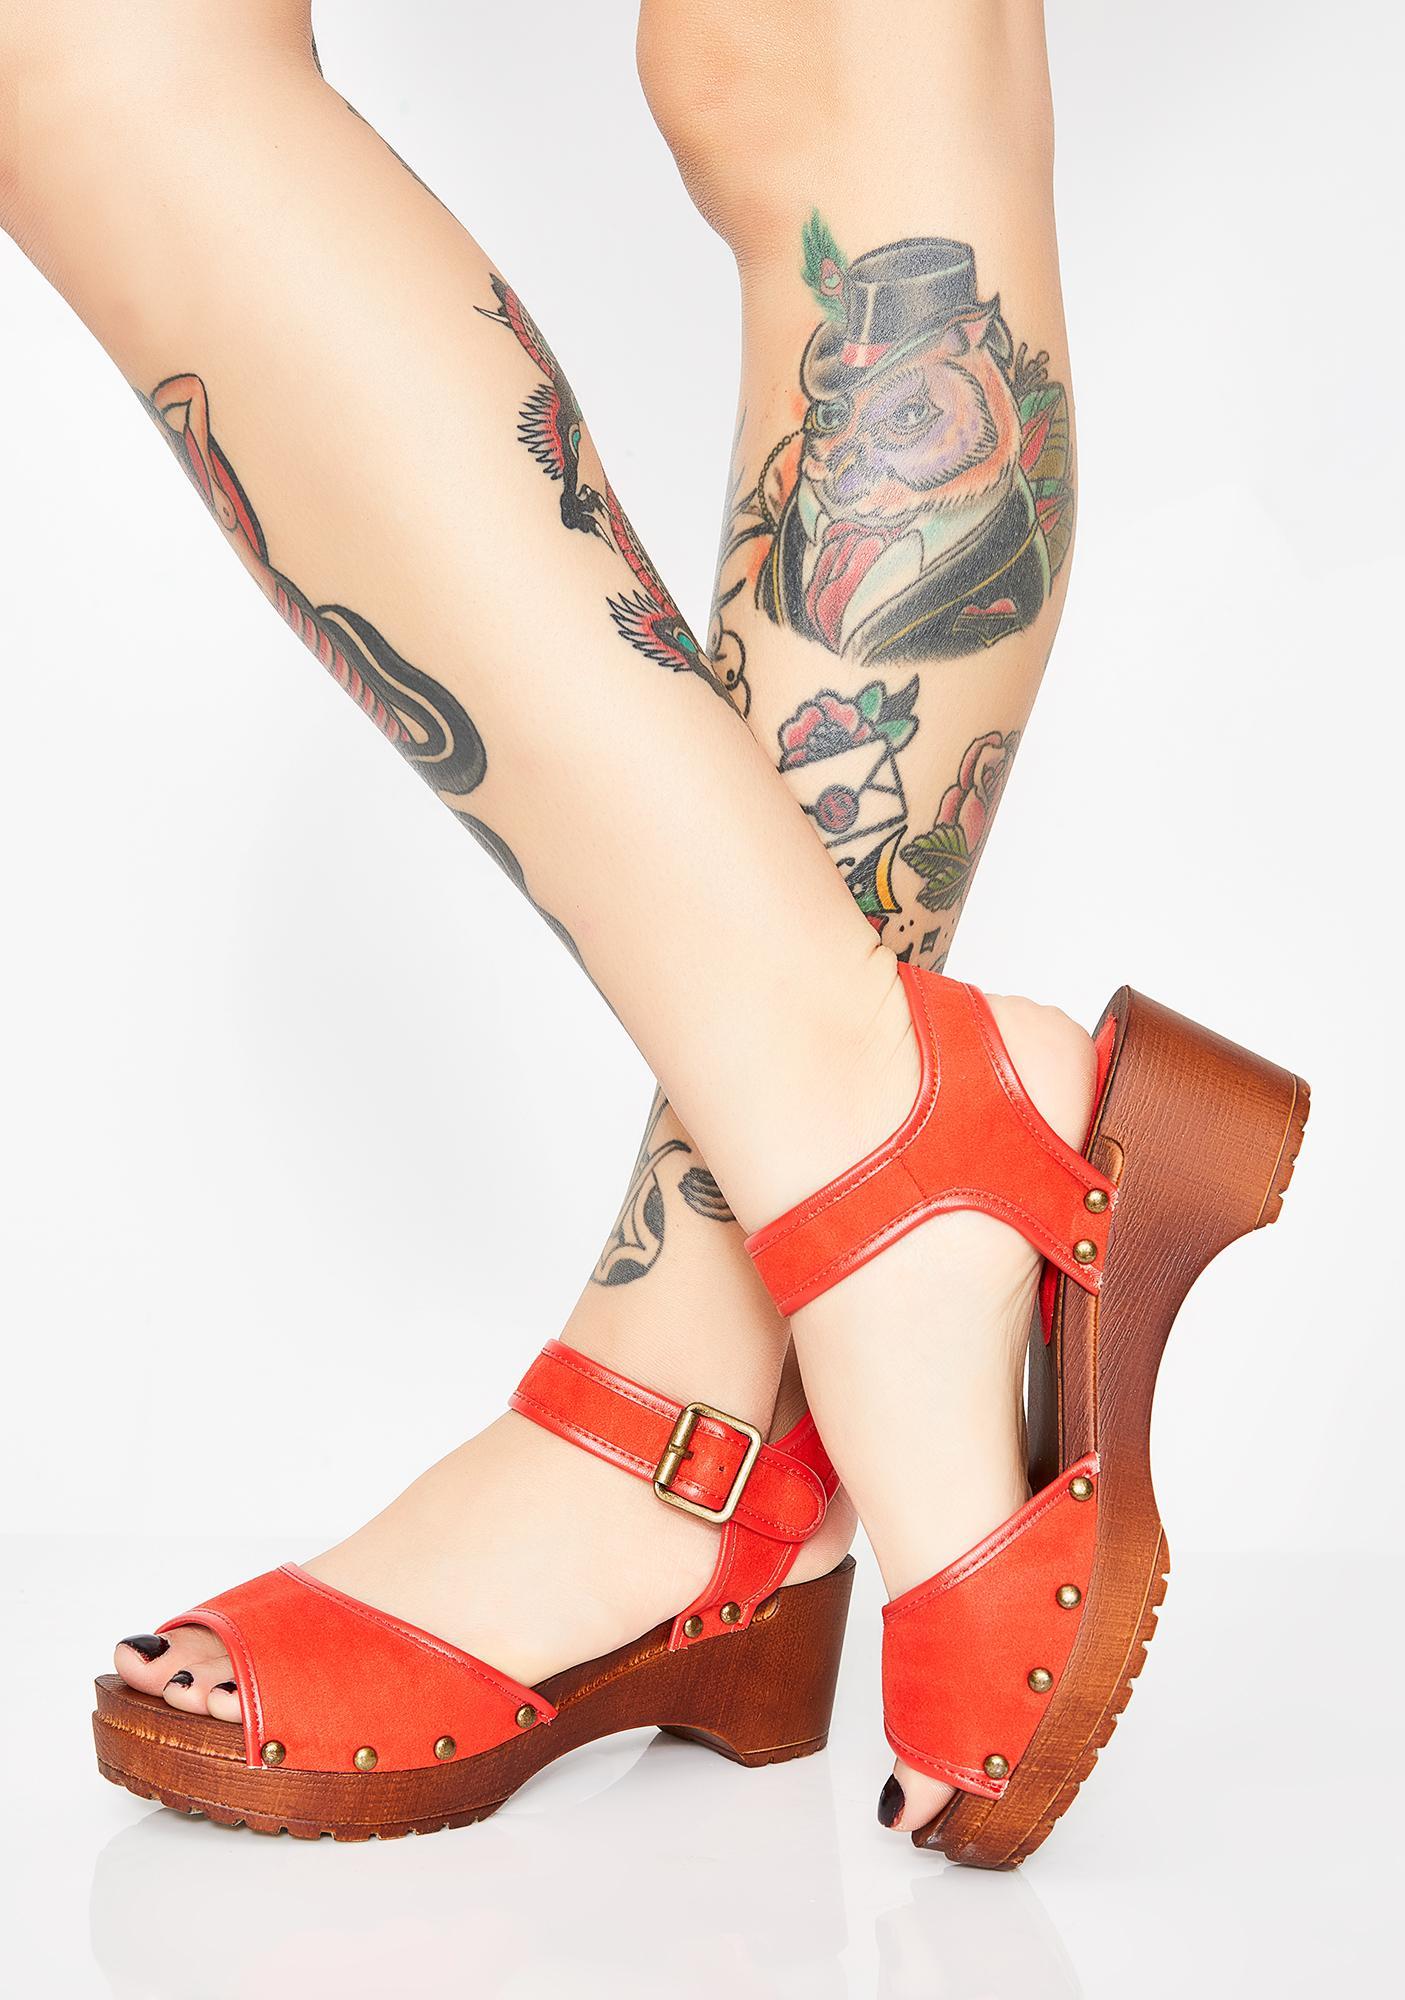 Hott Trippy Townie Platform Sandals